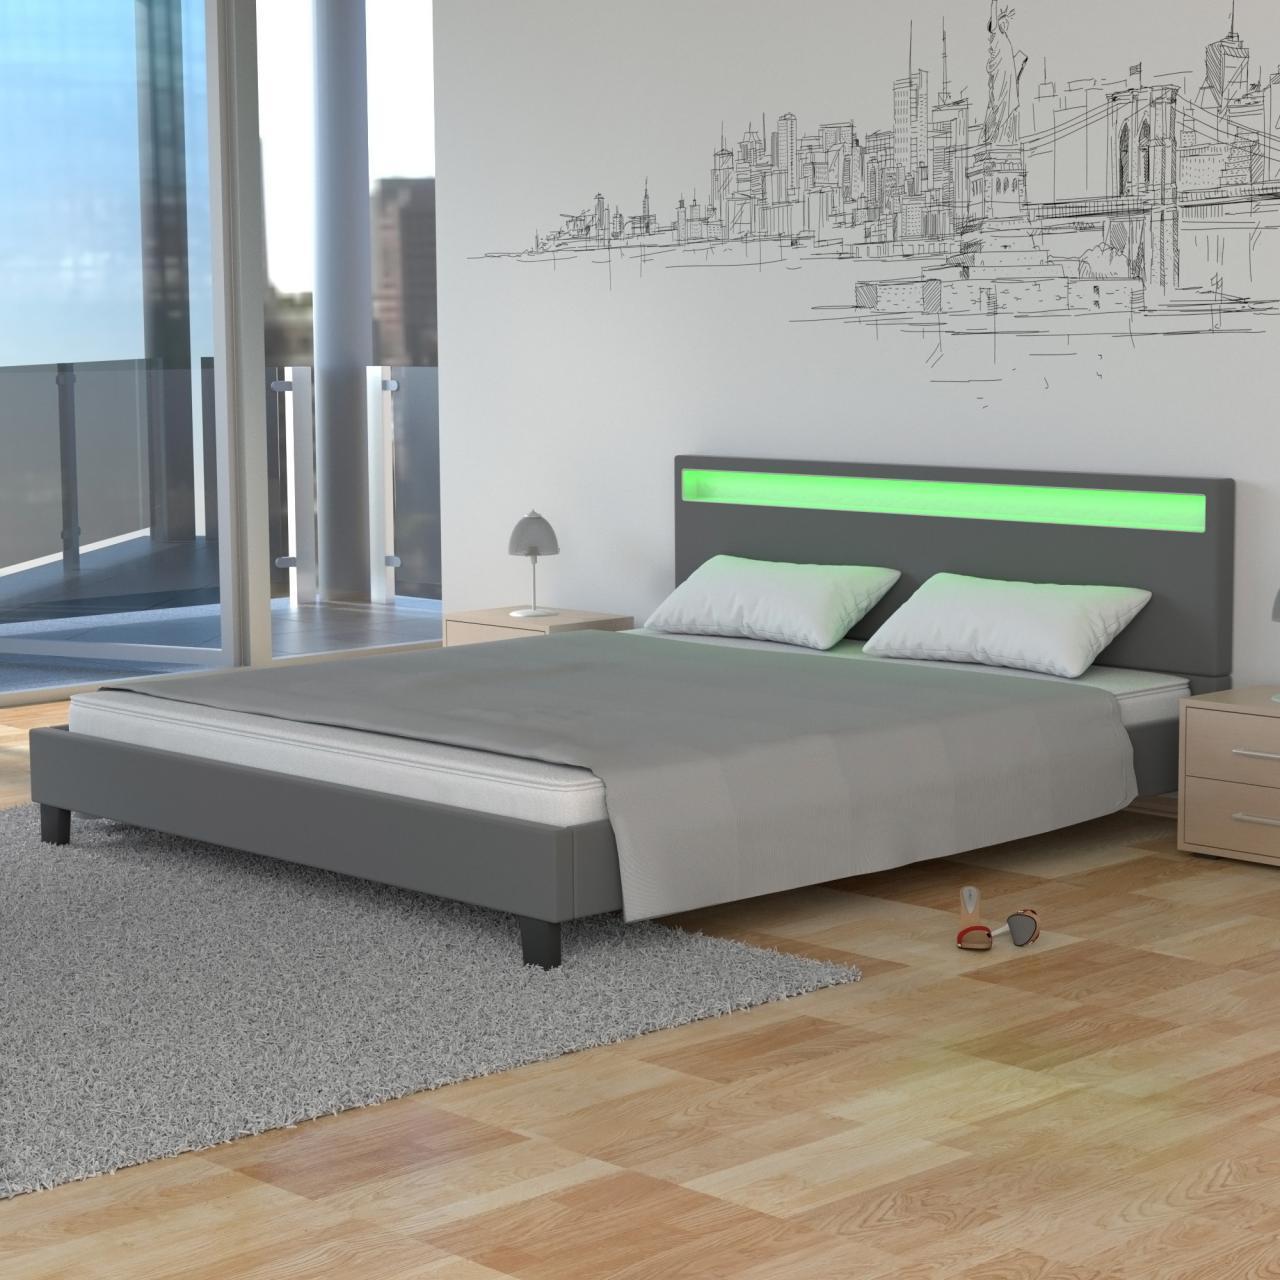 LED Bett PU Polsterbett Doppelbett Kunstleder Lattenrost Rahmen 140 ...